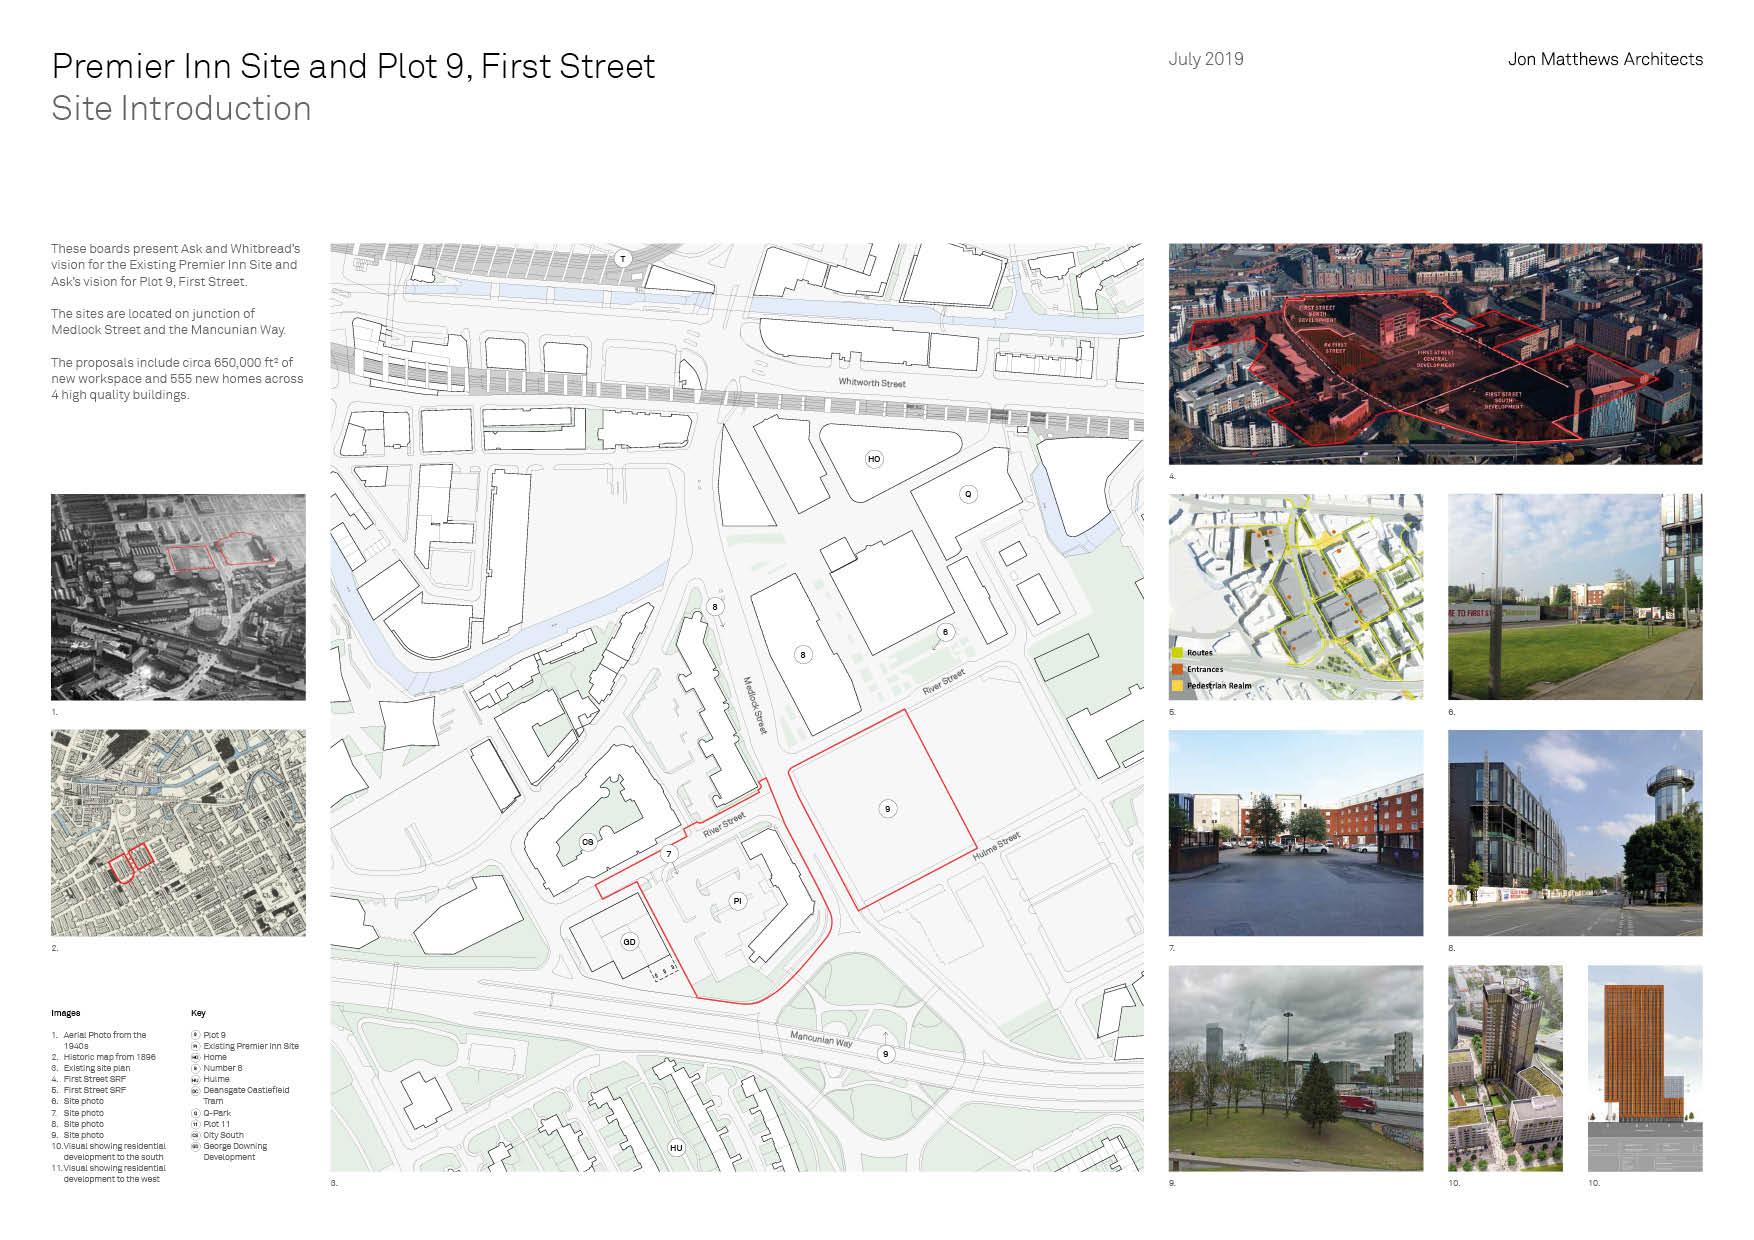 first_street_premier_inn_plot_9_2.jpg